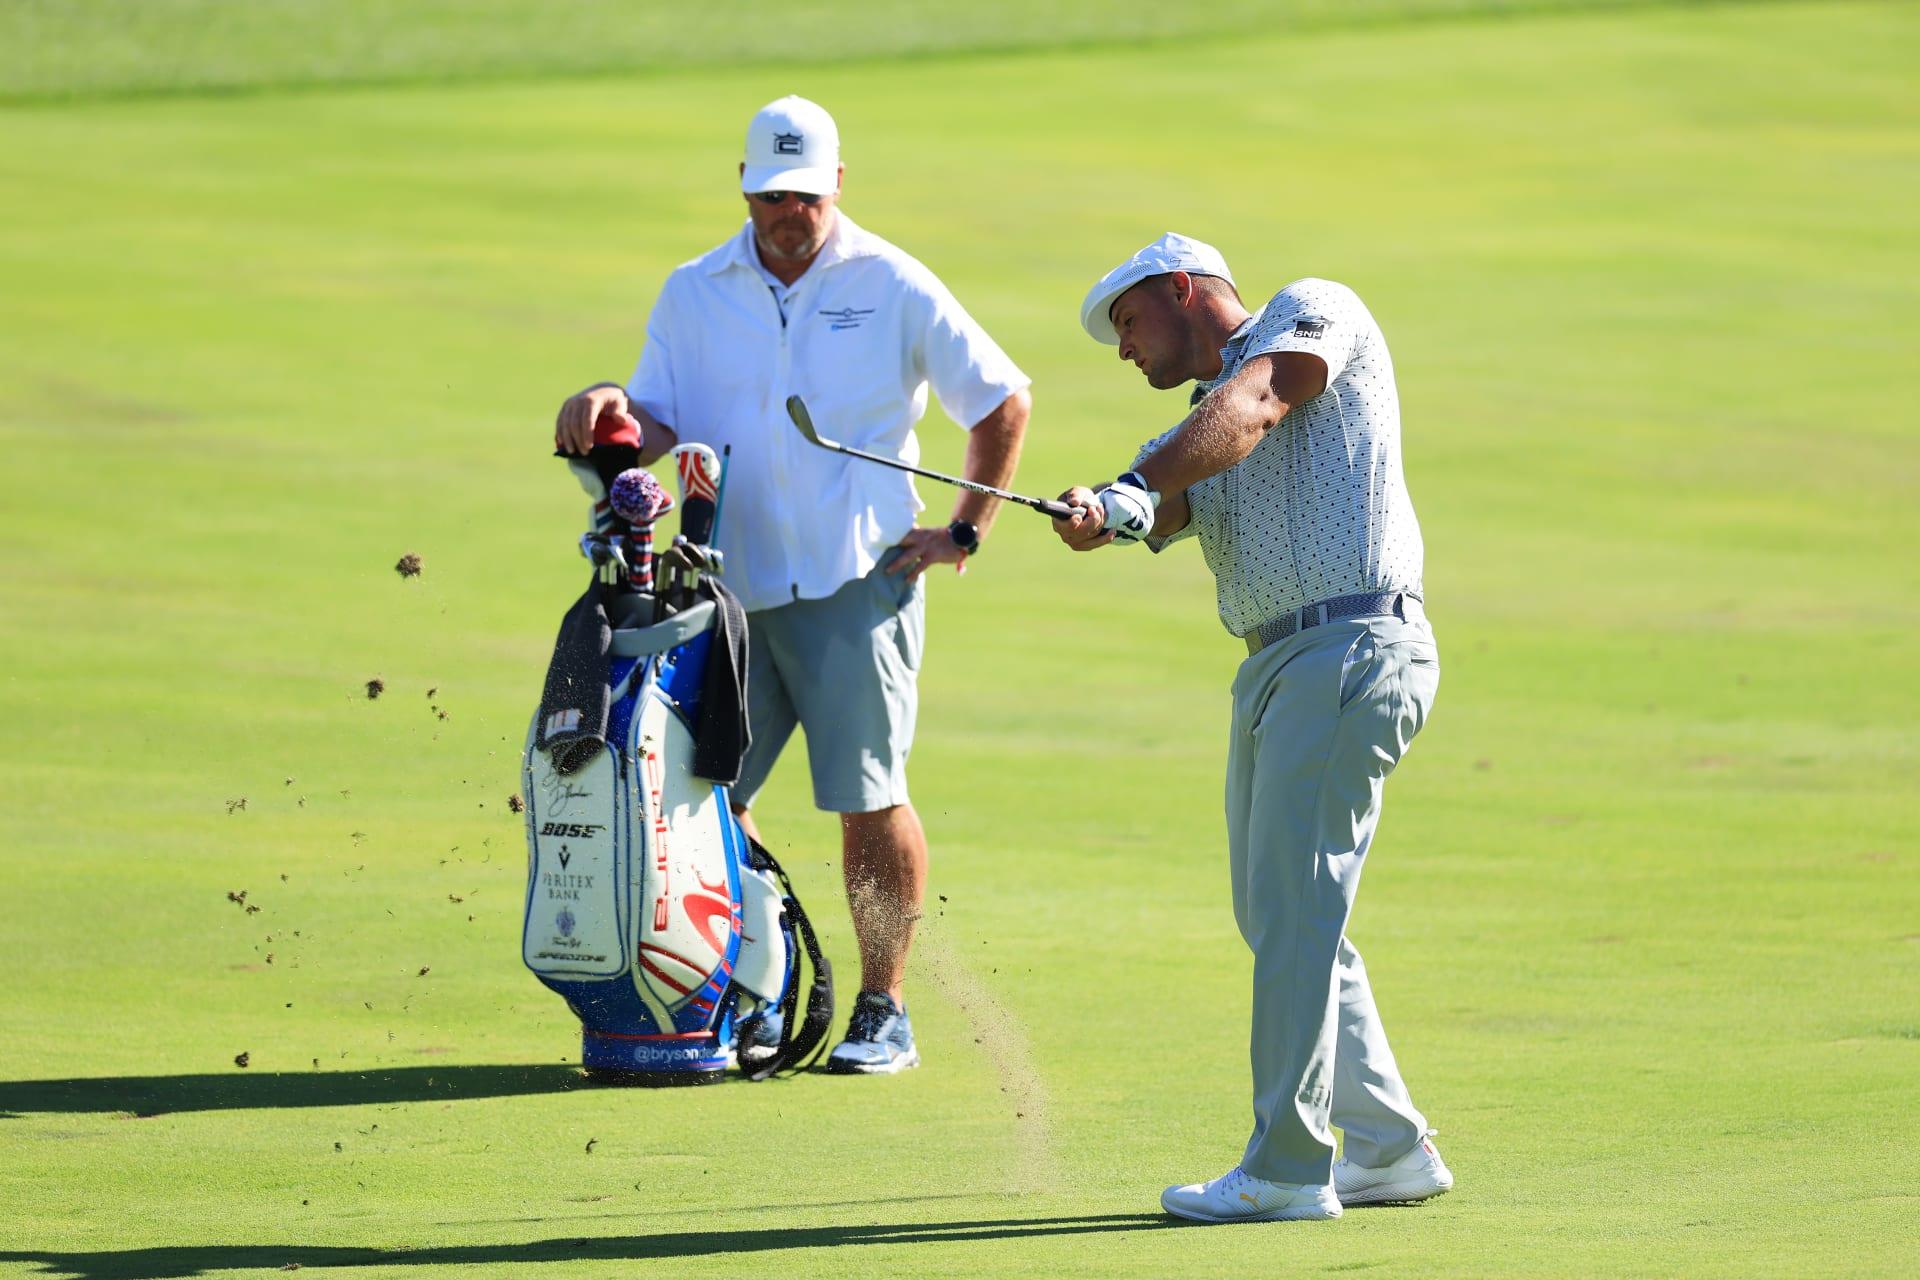 الأمريكي برايسون ديشامبو يحدث ضجة في عالم الغولف بتحوله الجسدي وسط جائحة كورونا